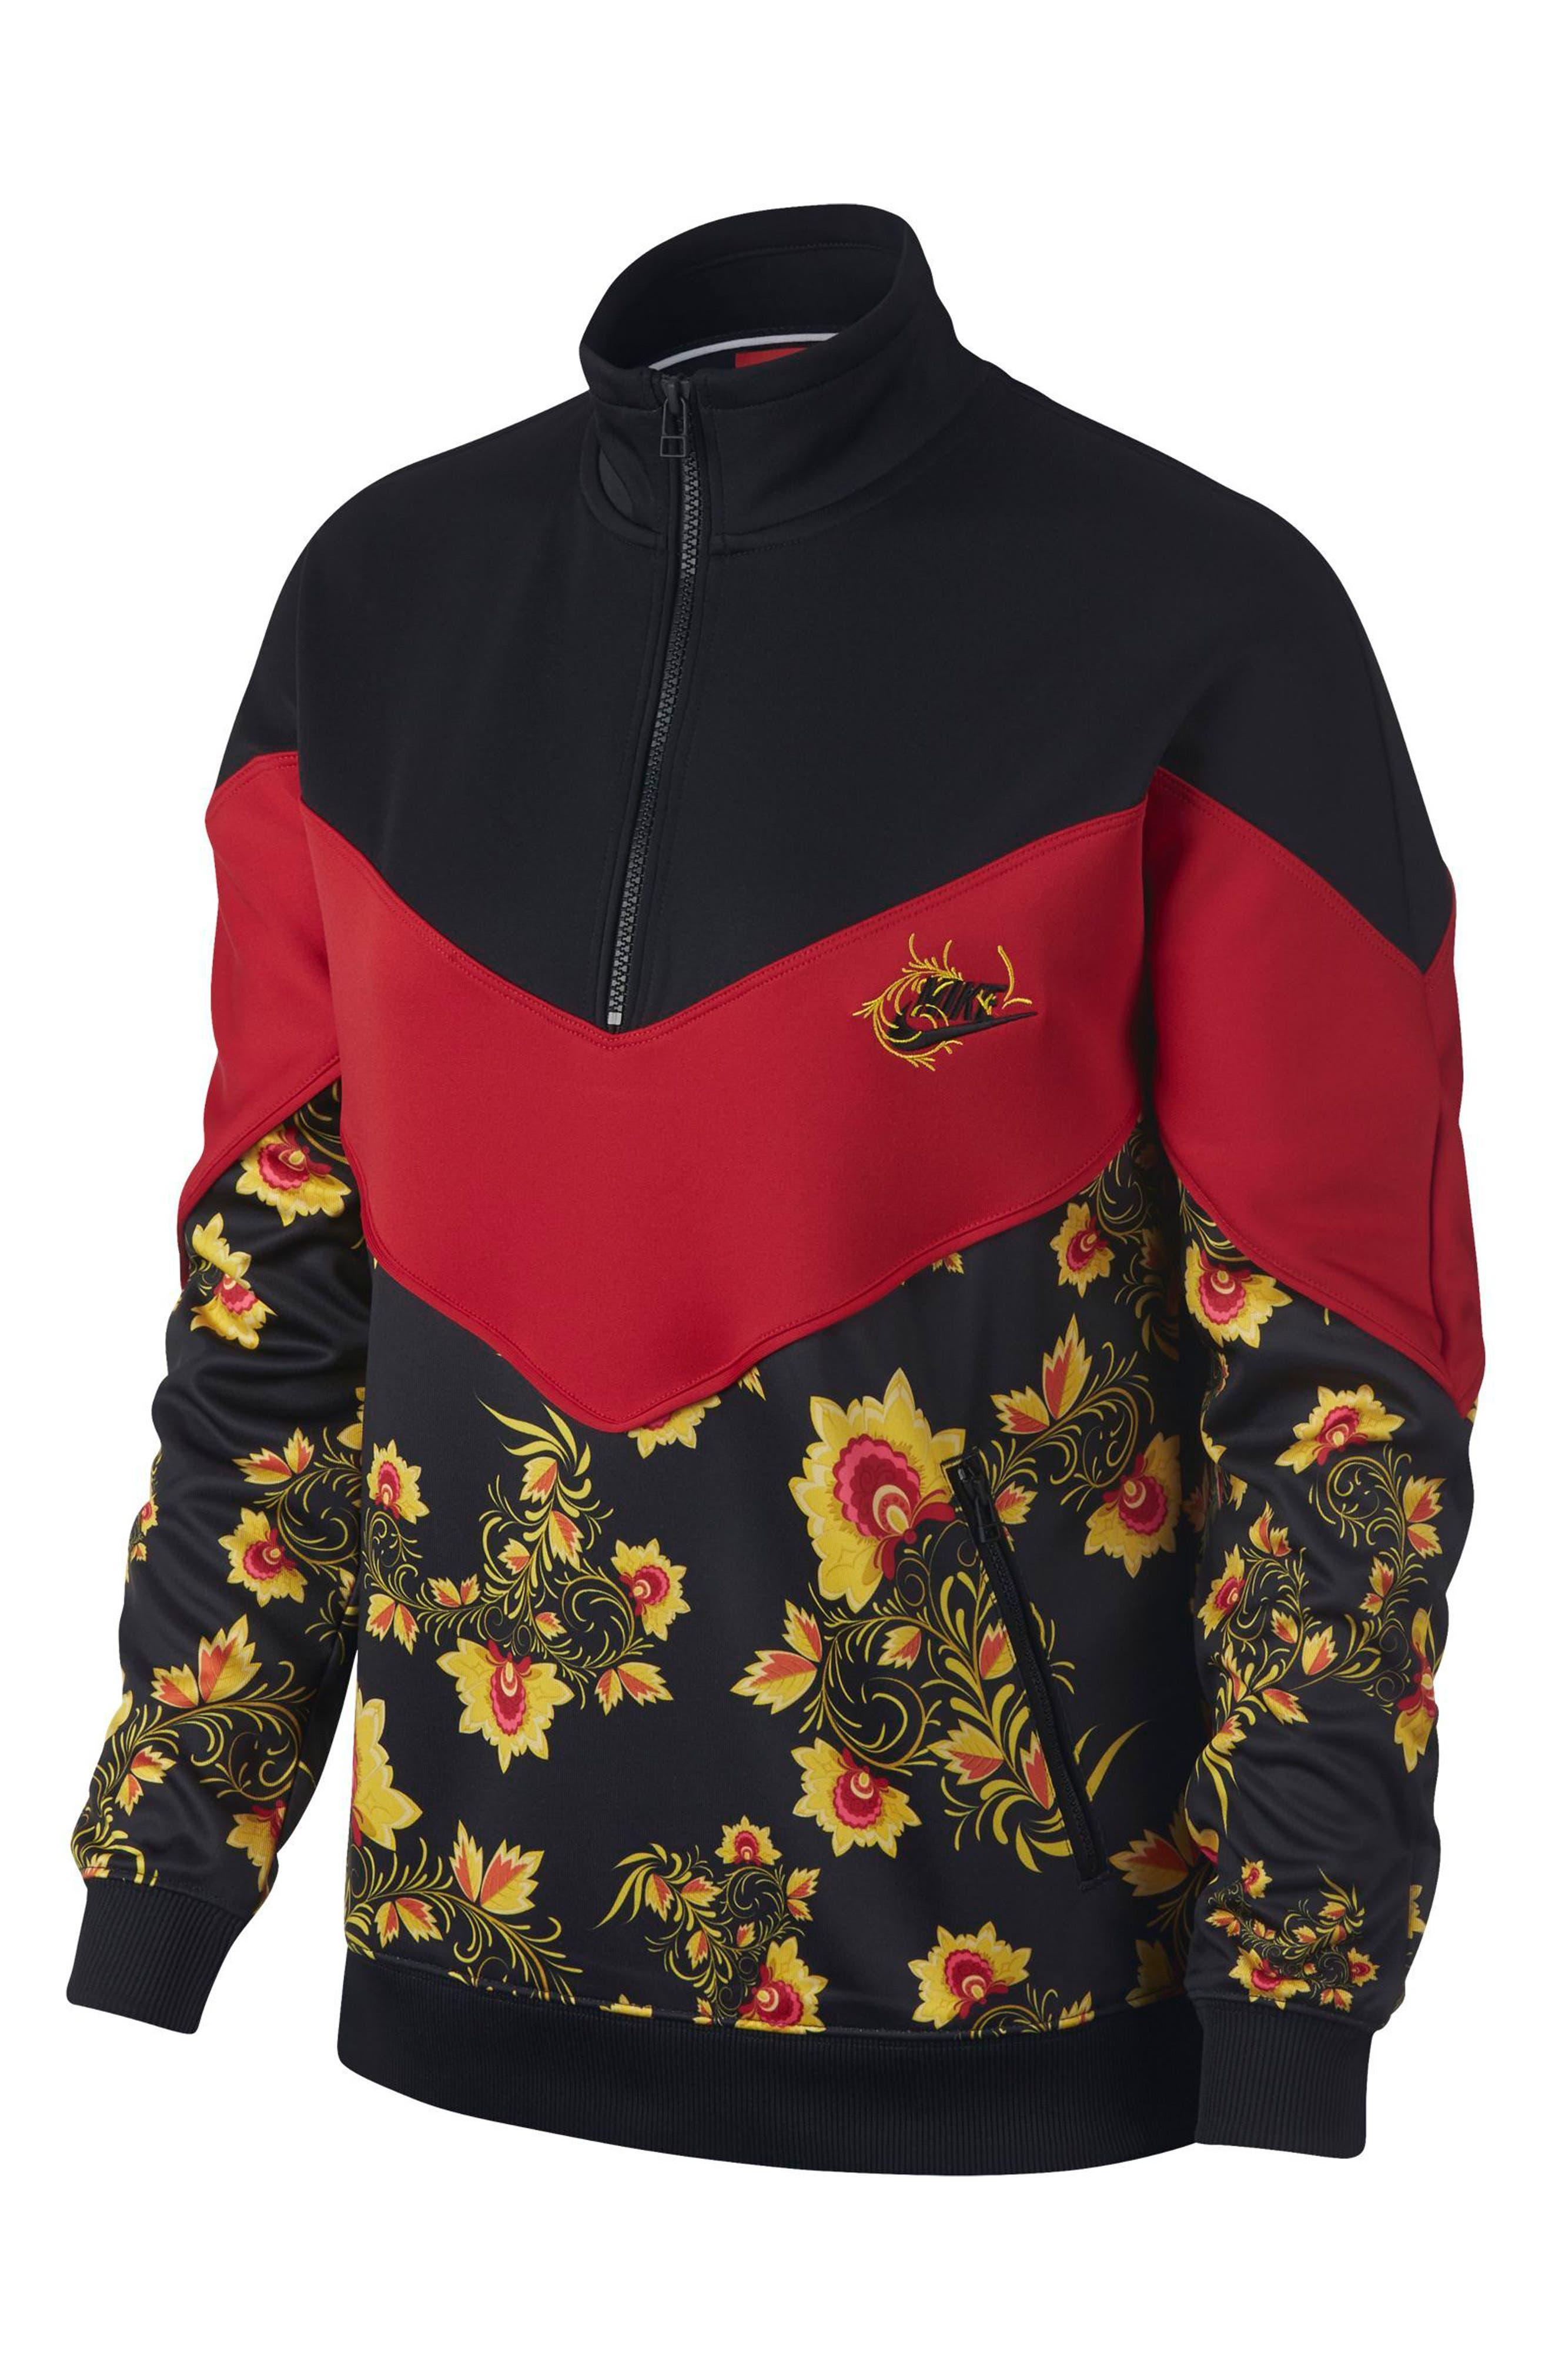 NIKE Sportswear Women's Half Zip Jacket, Main, color, 010